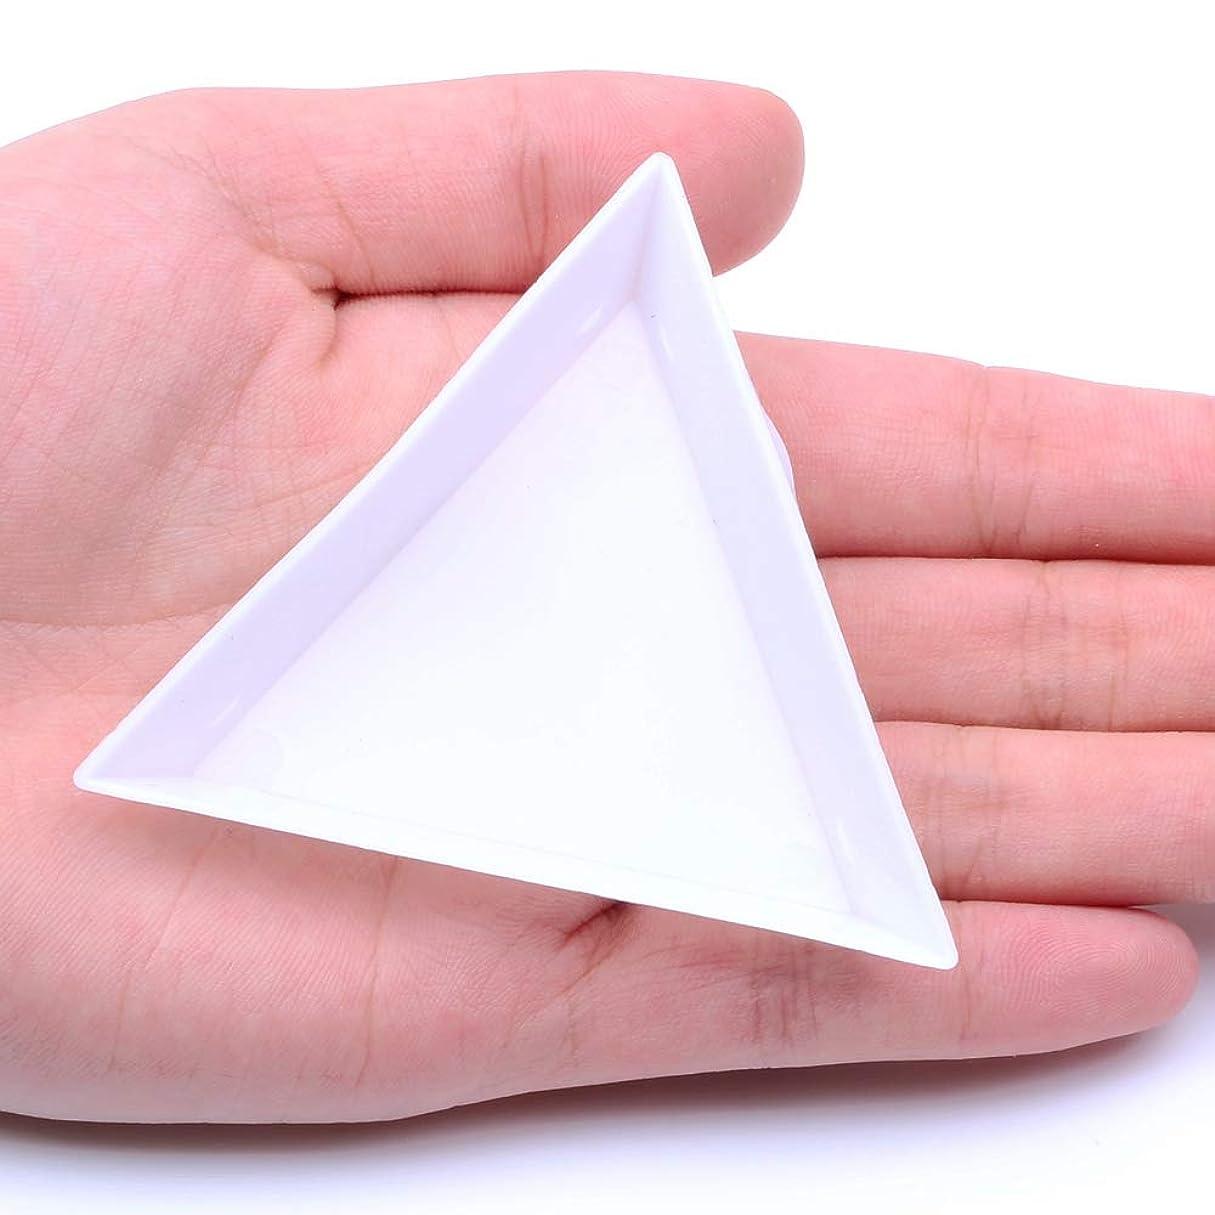 ホワイトトライアングルラインストーンプラスチックトレイコンテナトレイツールアクリルプレートケース収納ボックスDIYマニキュアツールジュエリーアクセサリー